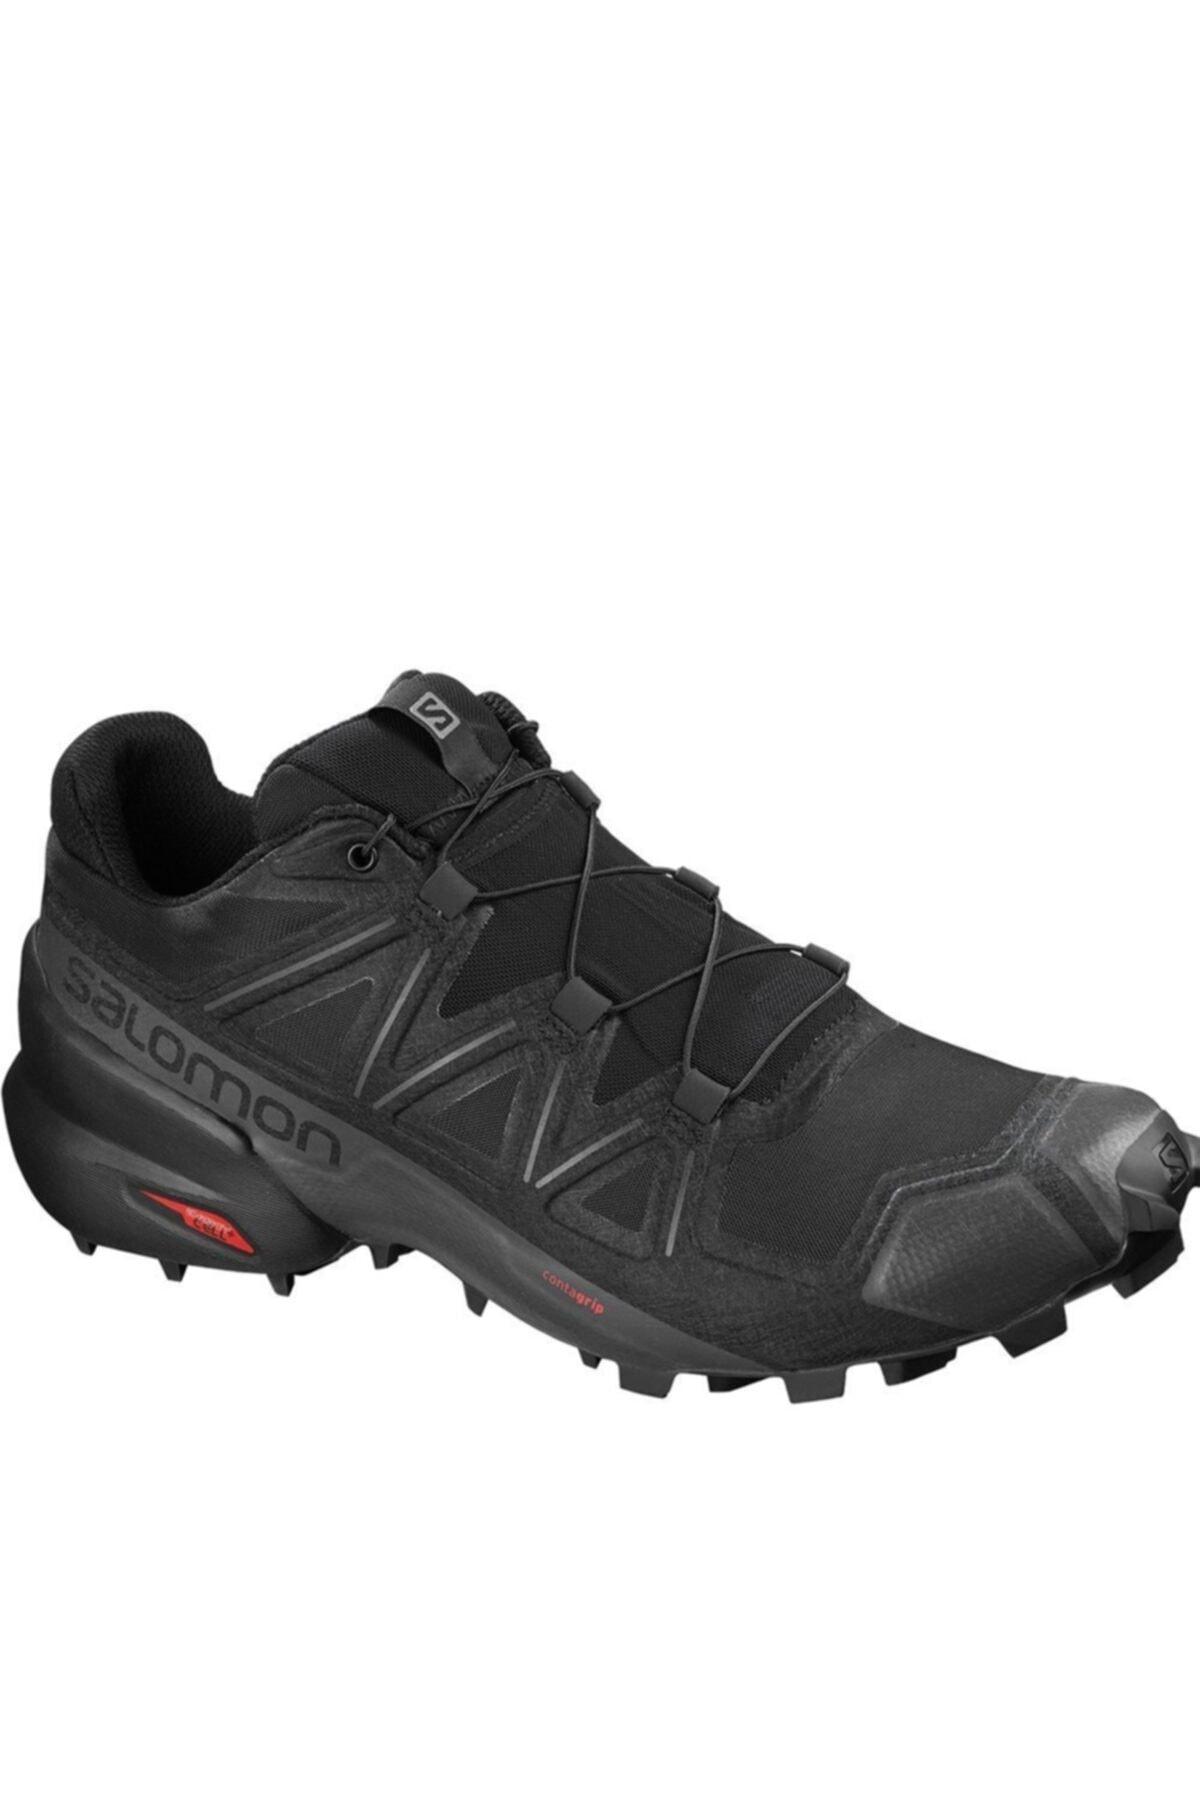 Salomon Speedcross 5 Erkek Outdoor Ayakkabı L40684000 1